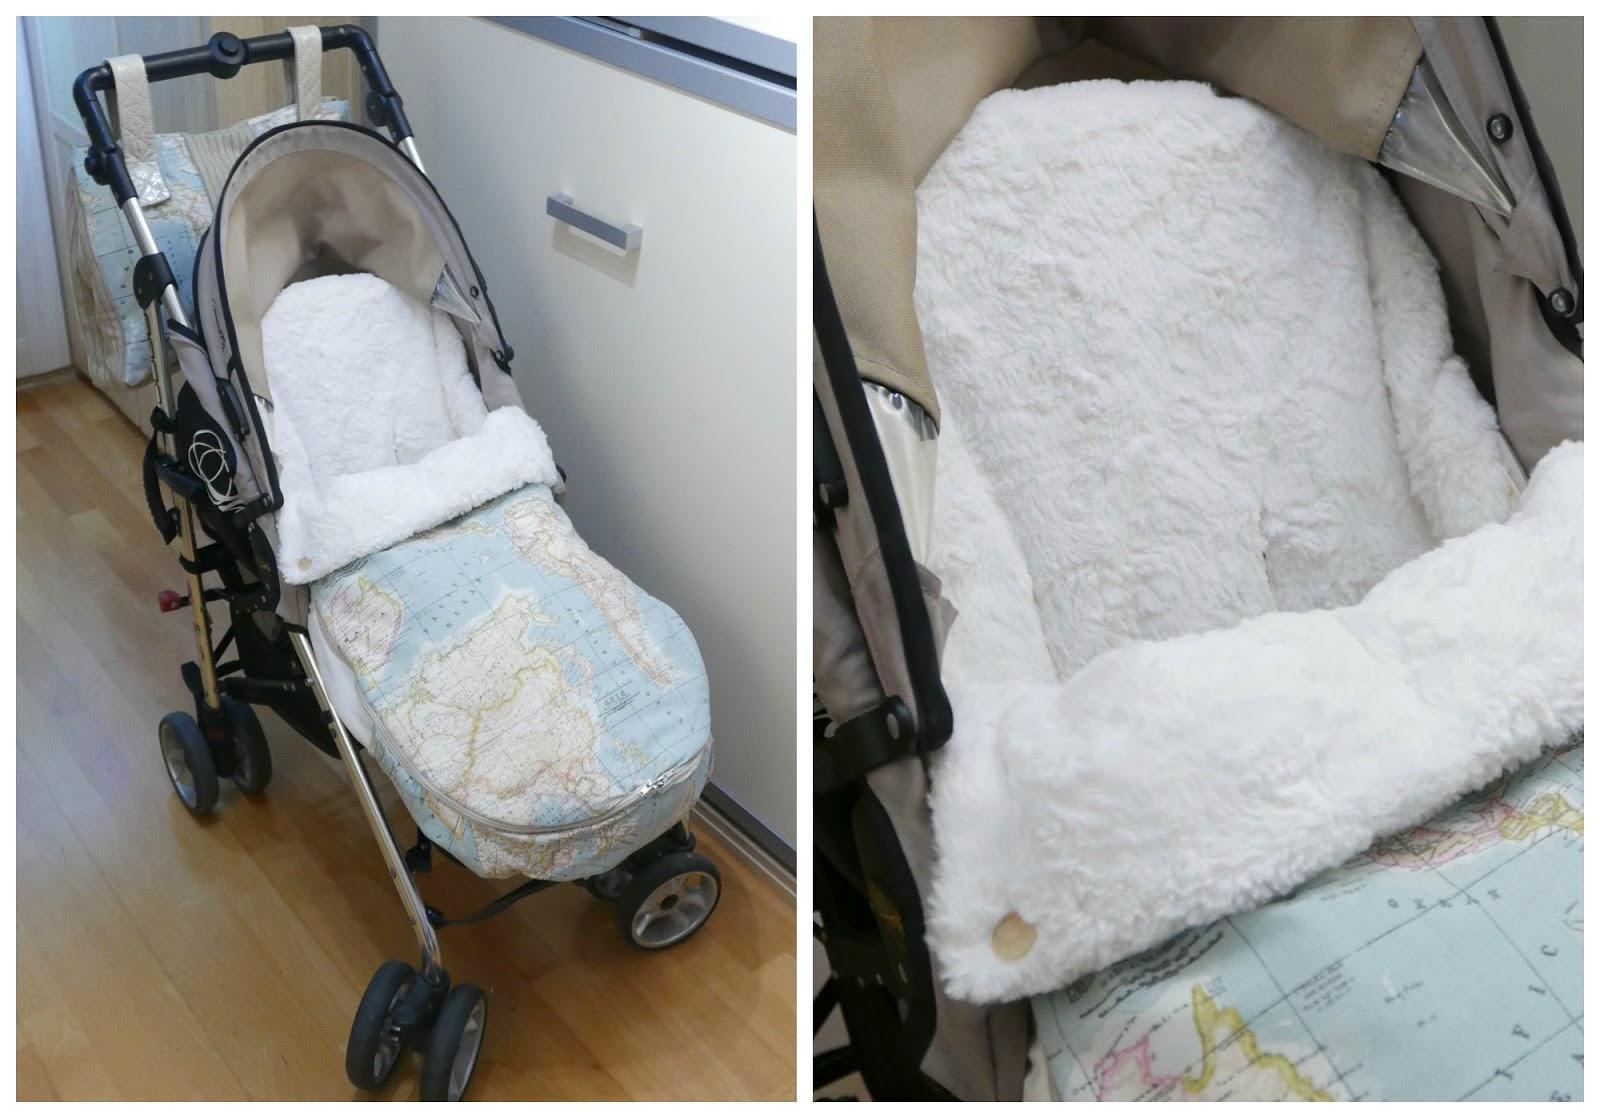 Cose conmigo un saco universal para silla de paseo de beb colours for baby - Saco para silla de paseo chicco ...